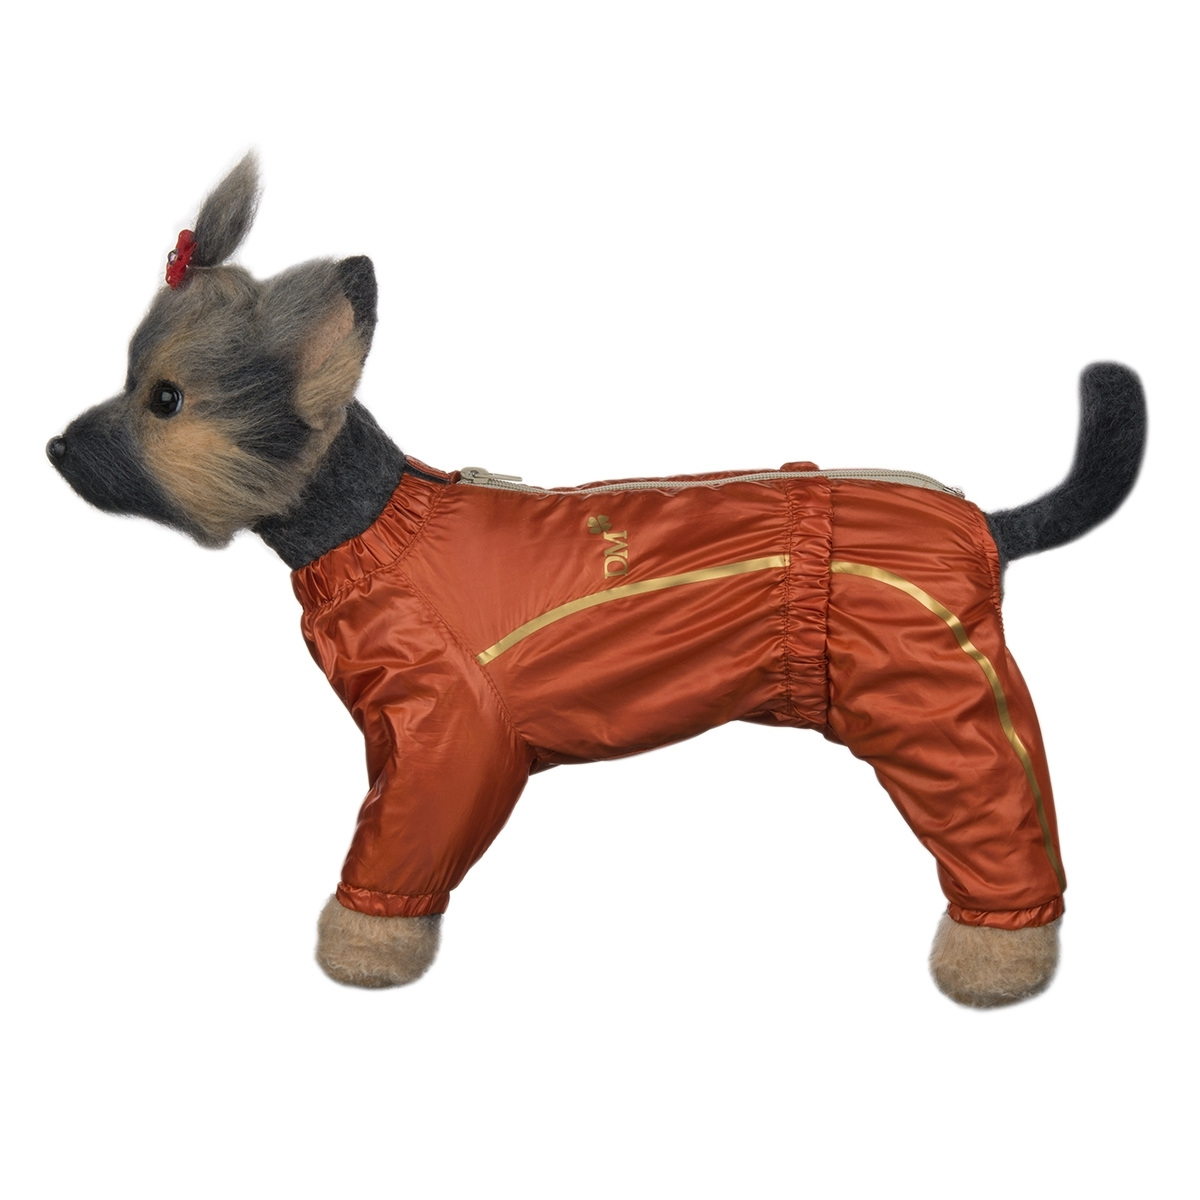 Комбинезон для собак Dogmoda Альпы, для девочки, цвет: оранжевый. Размер 1 (S). DM-160102DM-160102-1_оранжКомбинезон для собак Dogmoda Альпы отлично подойдет для прогулок поздней осенью или ранней весной.Комбинезон изготовлен из полиэстера, защищающего от ветра и осадков, с подкладкой из вискозы и полиэстера, которая сохранит тепло и обеспечит отличный воздухообмен.Комбинезон застегивается на молнию и липучку, благодаря чему его легко надевать и снимать. Ворот, низ рукавов и брючин оснащены внутренними резинками, которые мягко обхватывают шею и лапки, не позволяя просачиваться холодному воздуху. На пояснице имеется внутренняя резинка. Изделие декорировано золотистыми полосками и надписью DM.Благодаря такому комбинезону простуда не грозит вашему питомцу и он не даст любимцу продрогнуть на прогулке.Длина по спинке: 20 см.Объем груди: 33 см.Обхват шеи: 21 см.